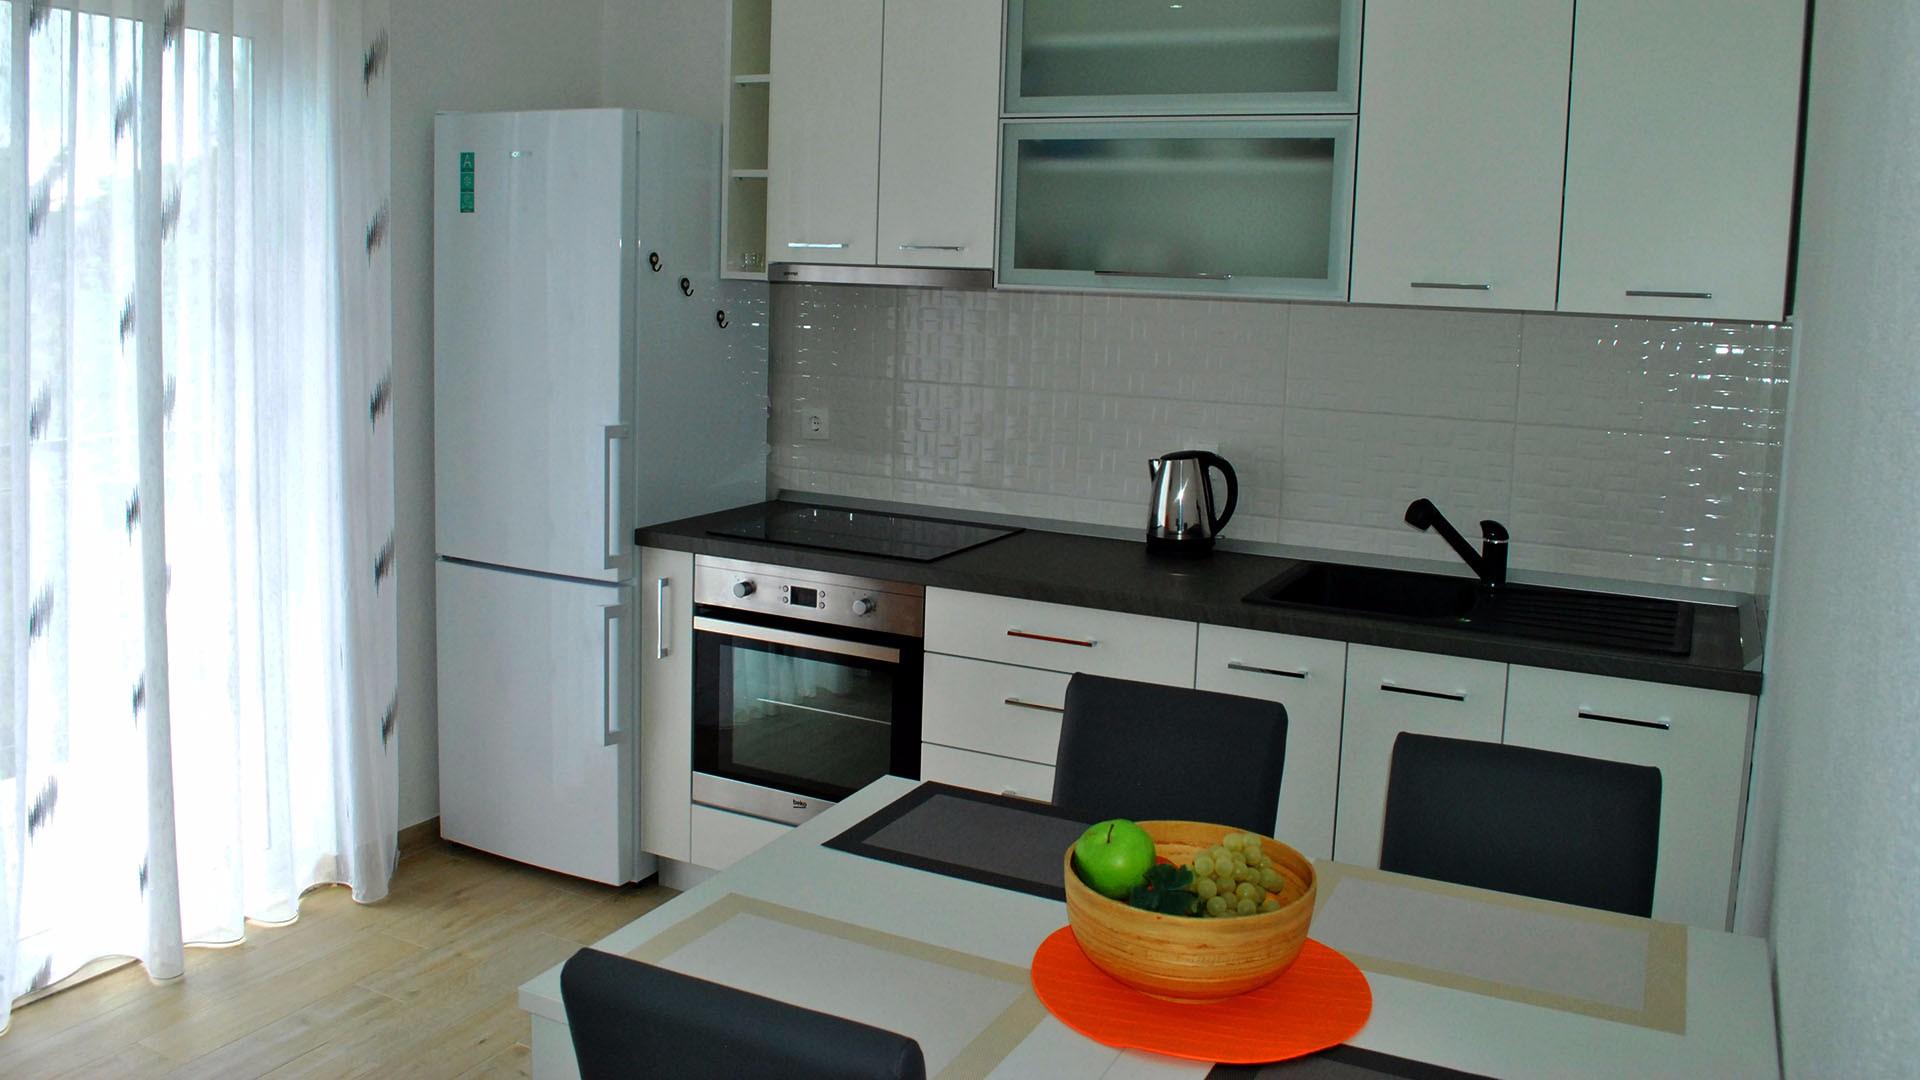 ApartmentA7 kitchen